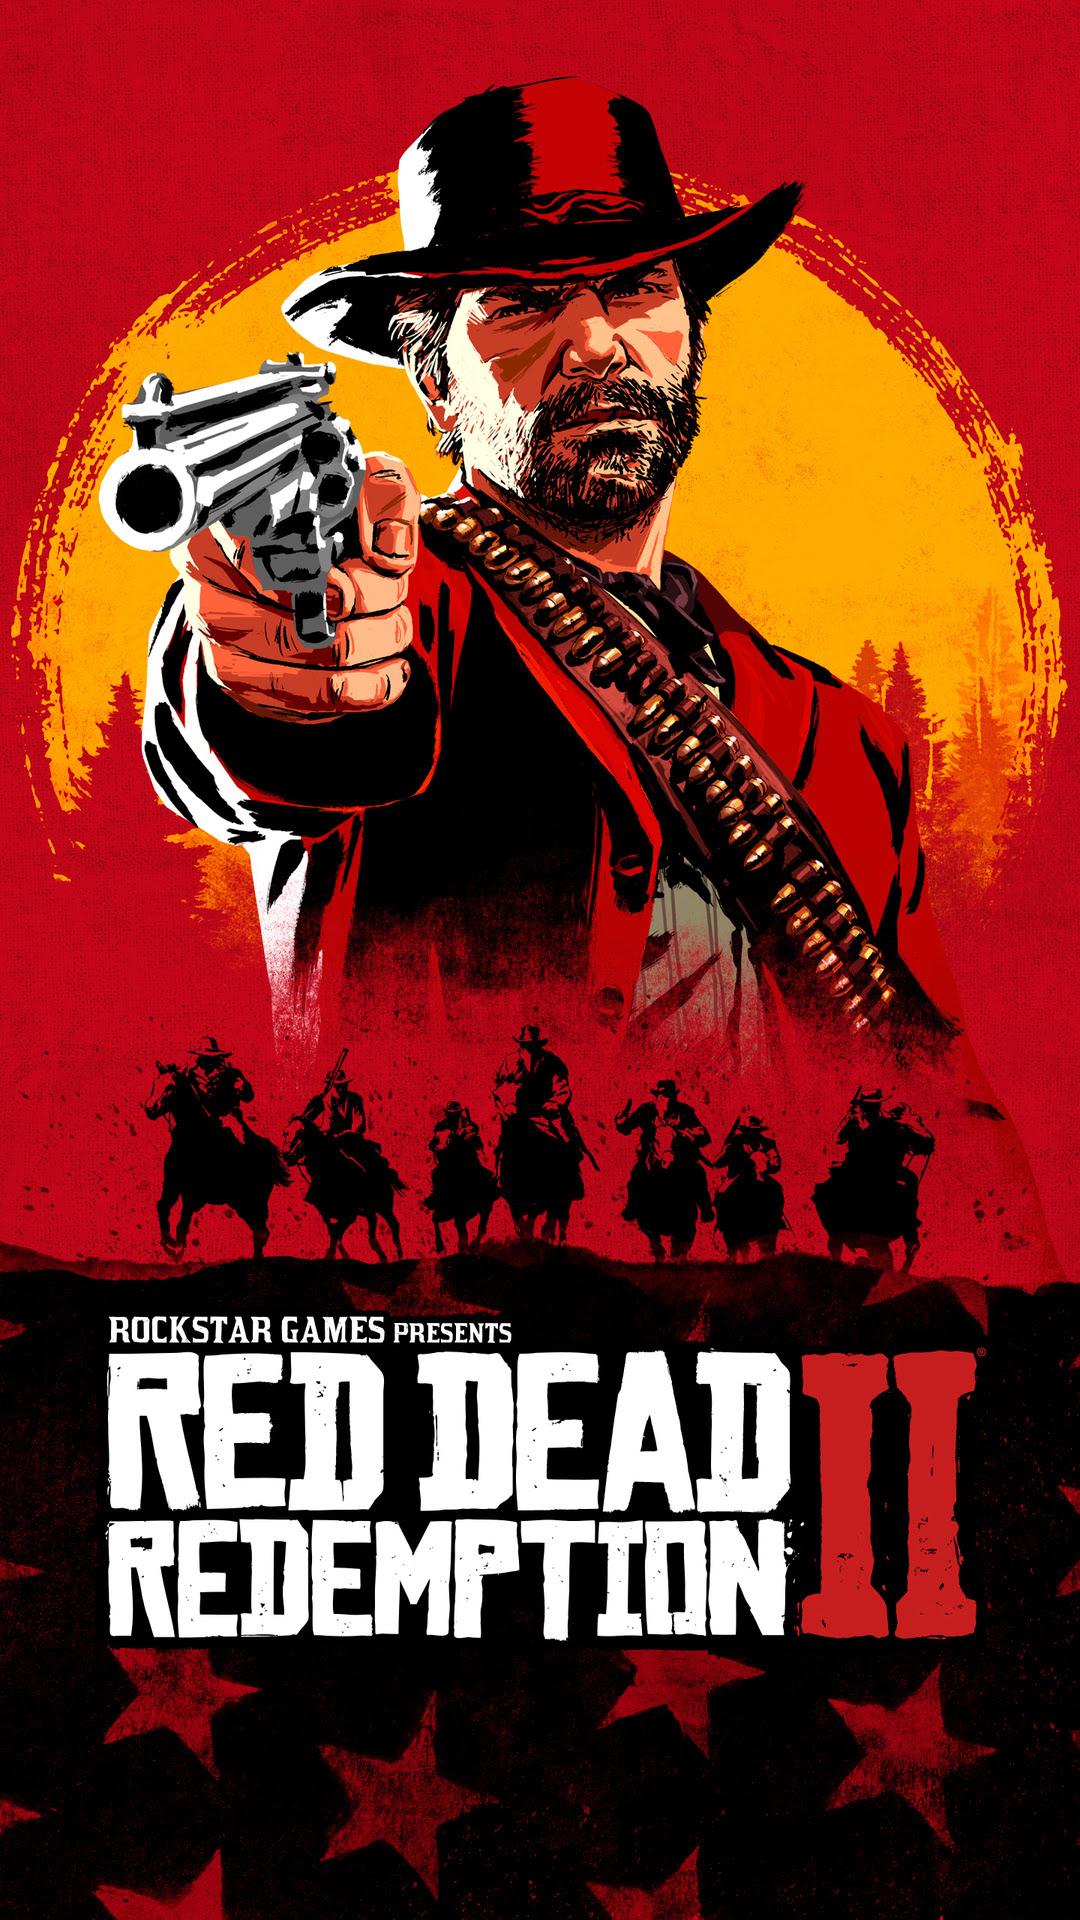 Red Dead Redemption 2 Htc Wallpaper 1080x1920 Resolution